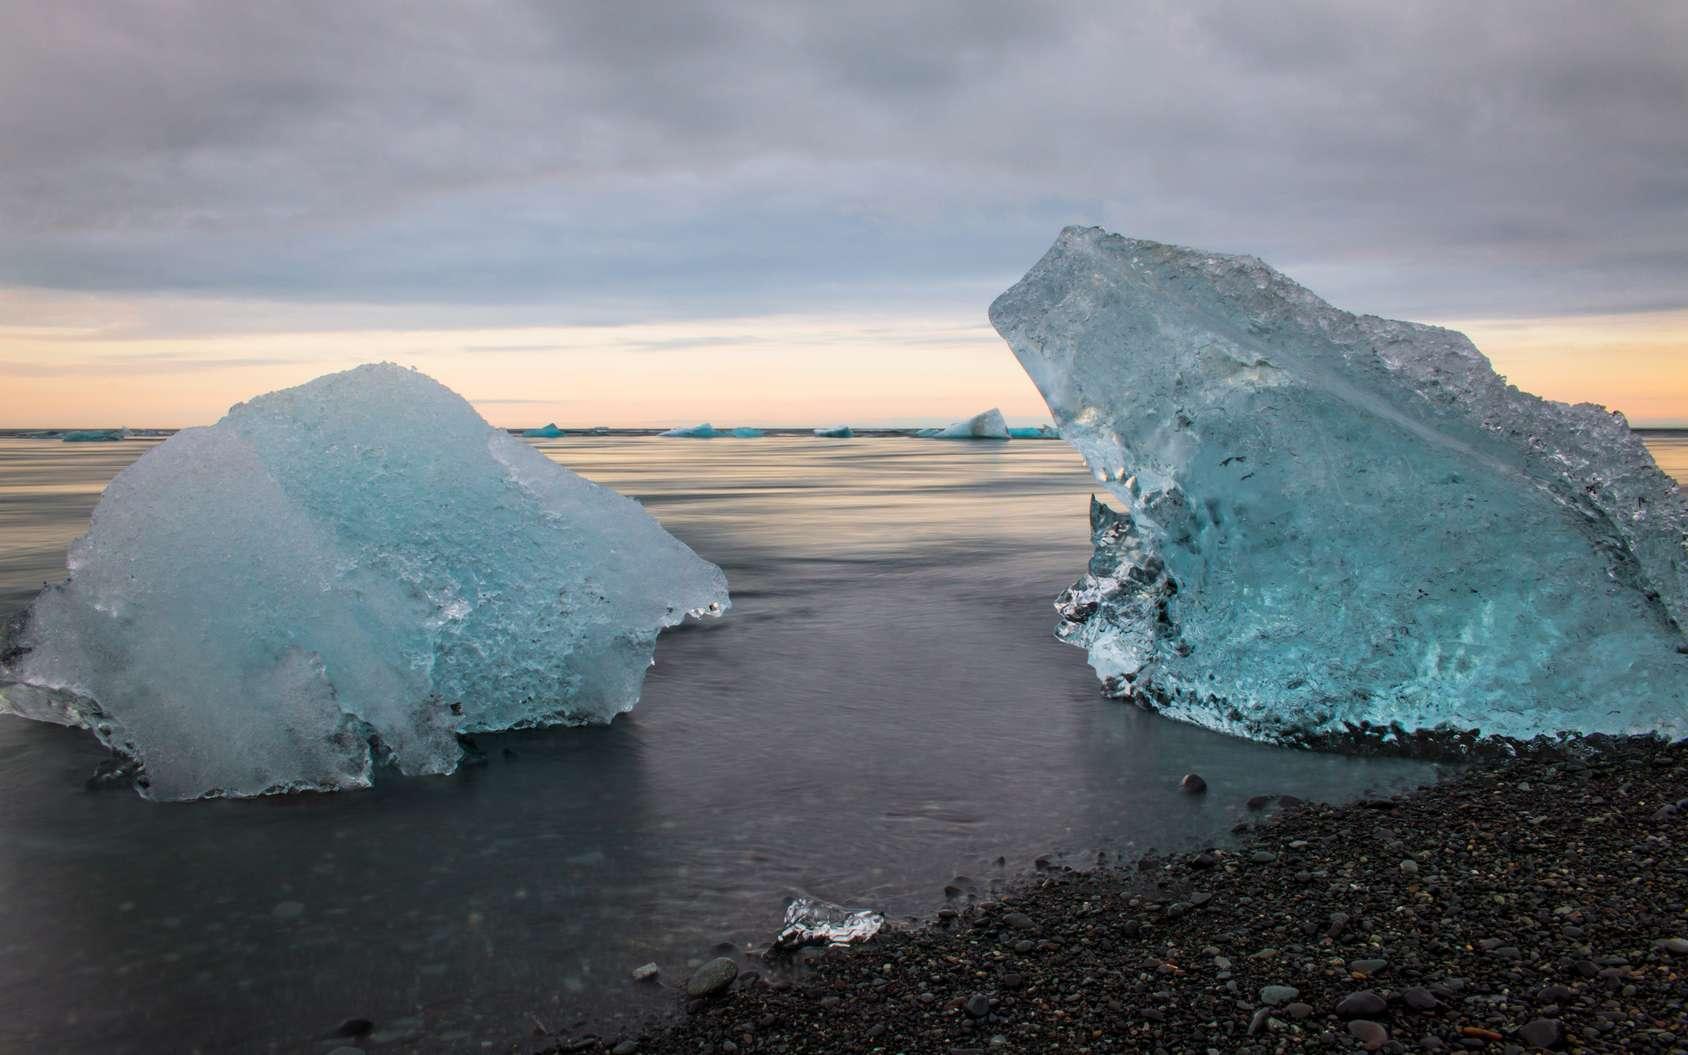 Le rapport spécial du Giec sur les océans et la cryosphère souligne l'urgence d'agir. Ici, un iceberg au lac de Jökulsárlón en Islande. © Thierry Lubar, Fotolia